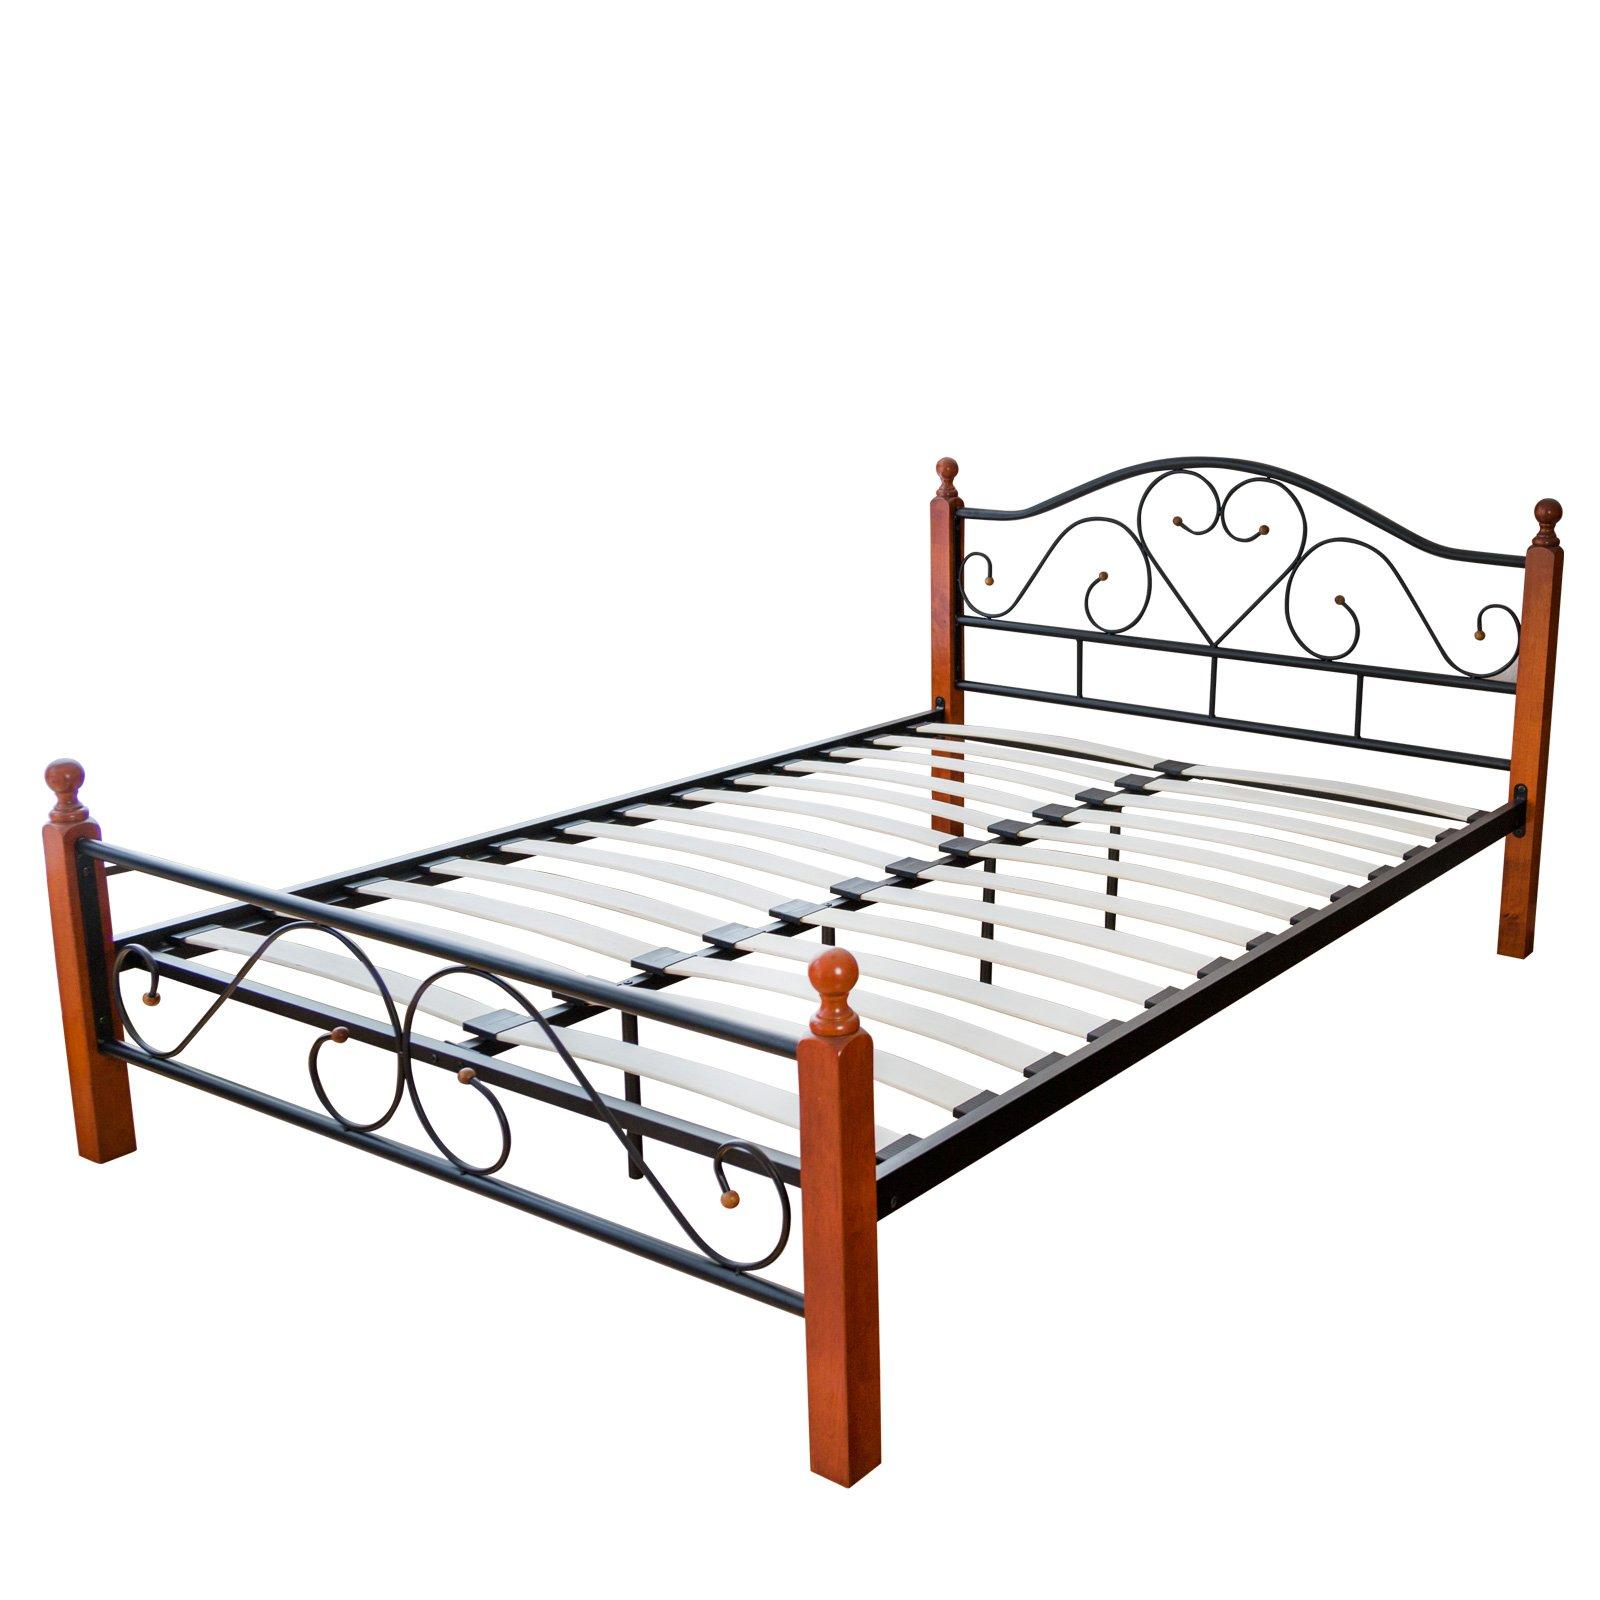 Full Size of Metallbett 100x200 Homestyle4u 547 Bett Betten Weiß Wohnzimmer Metallbett 100x200